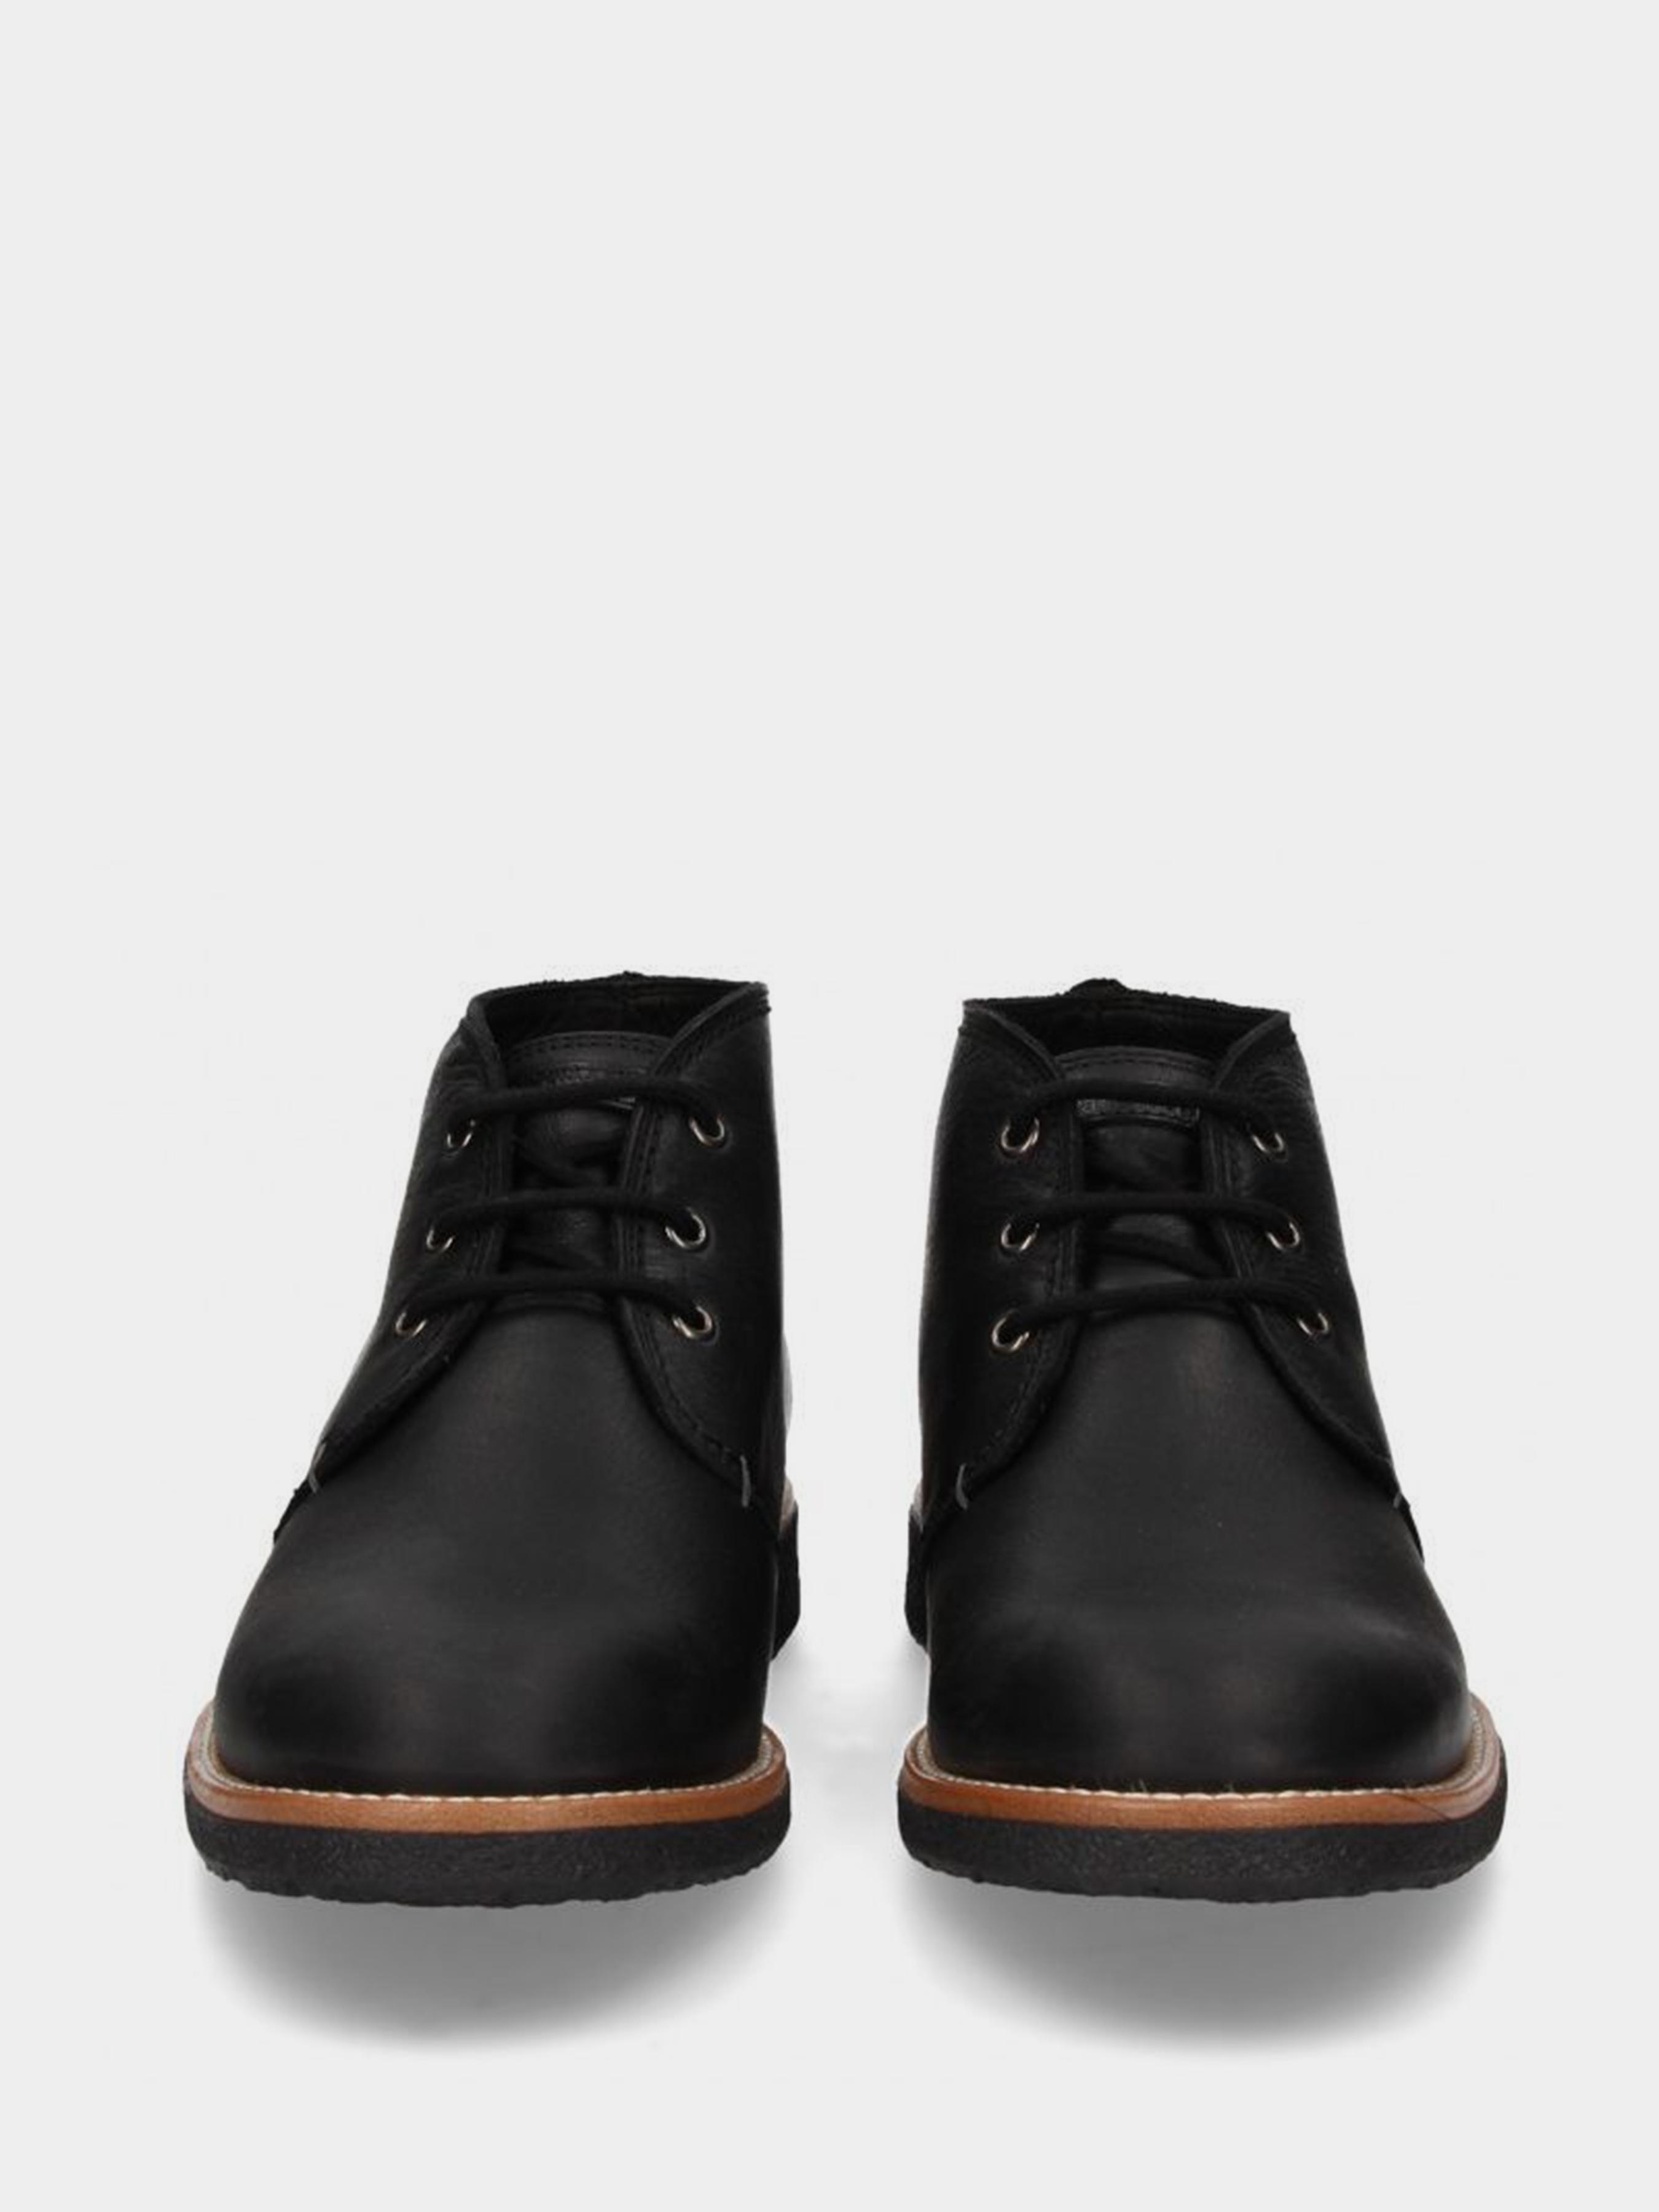 Ботинки для мужчин Panama Jack PX110 , 2017